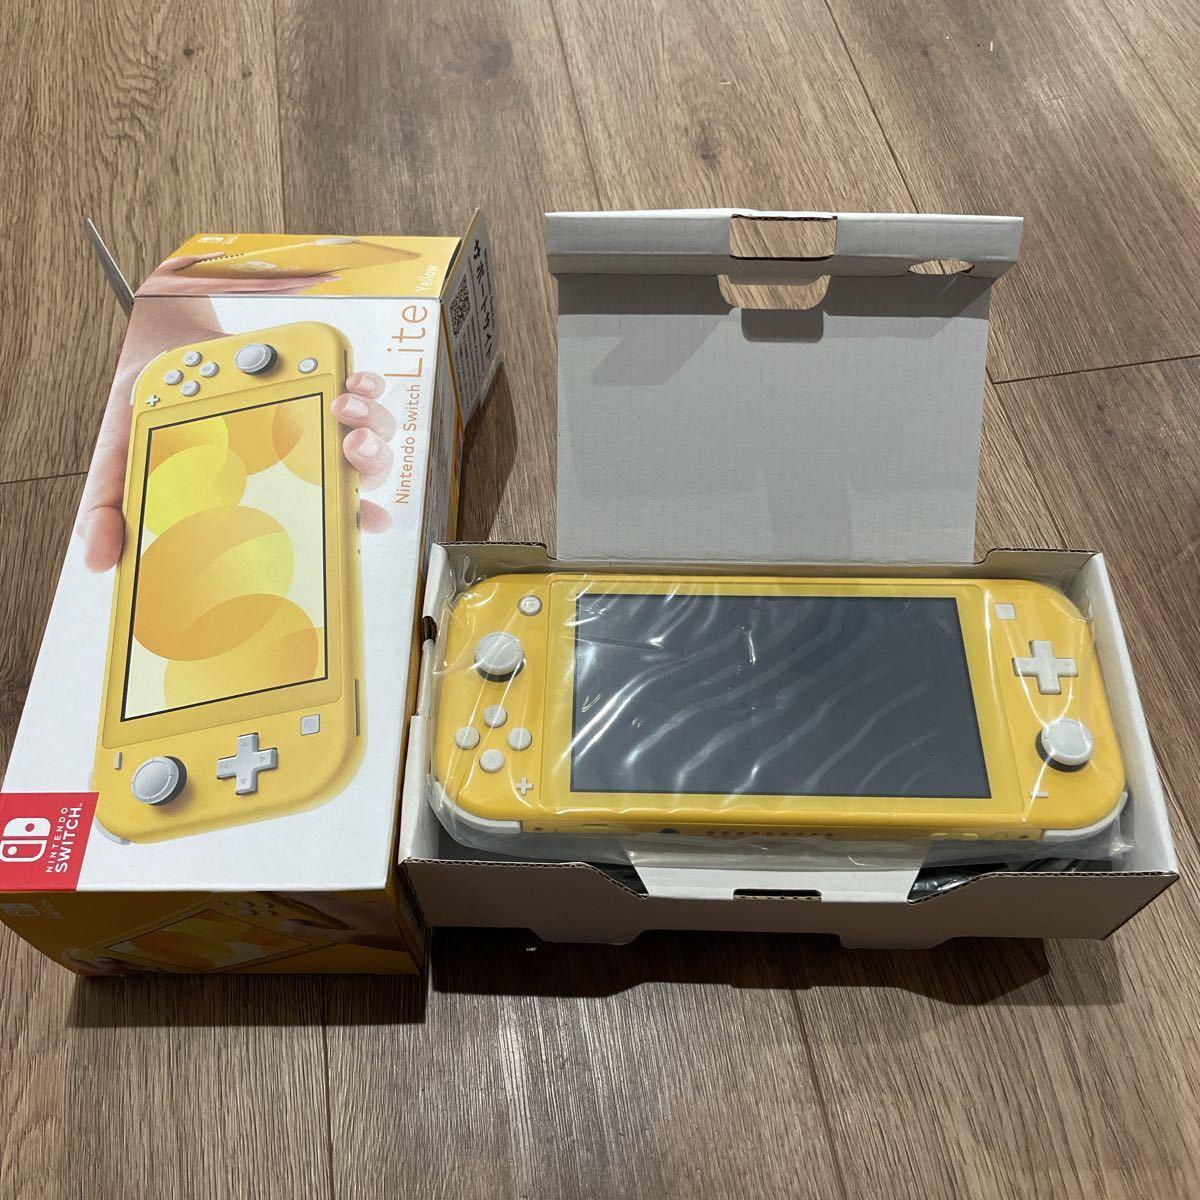 早い者勝ち Nintendo Switch lite  任天堂 ニンテンドー スイッチ ライト 本体 イエロー